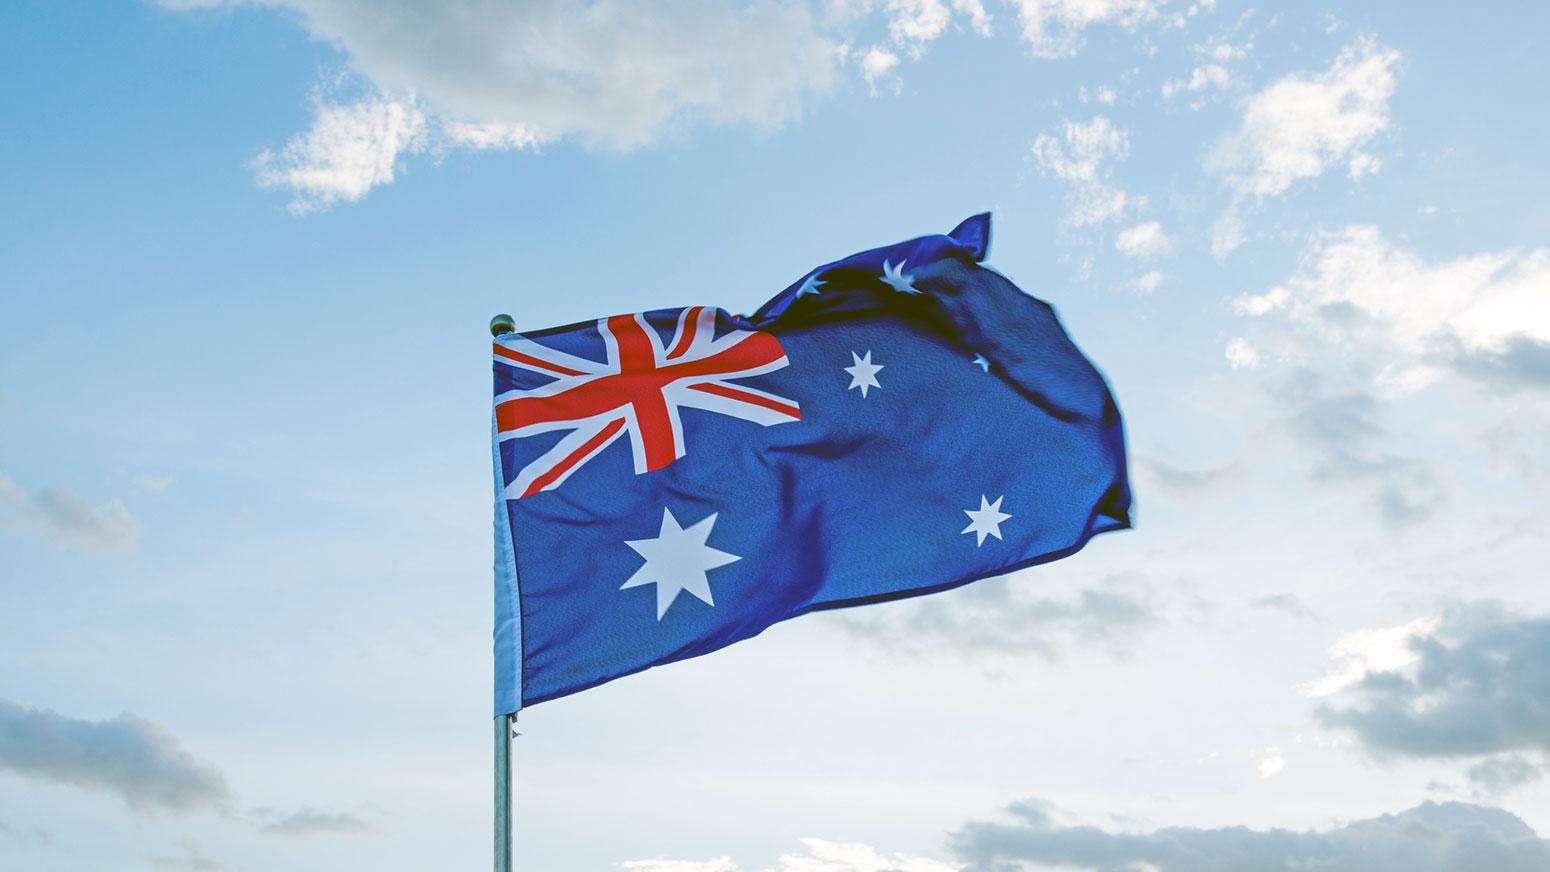 Consolidating superannuation australia cap